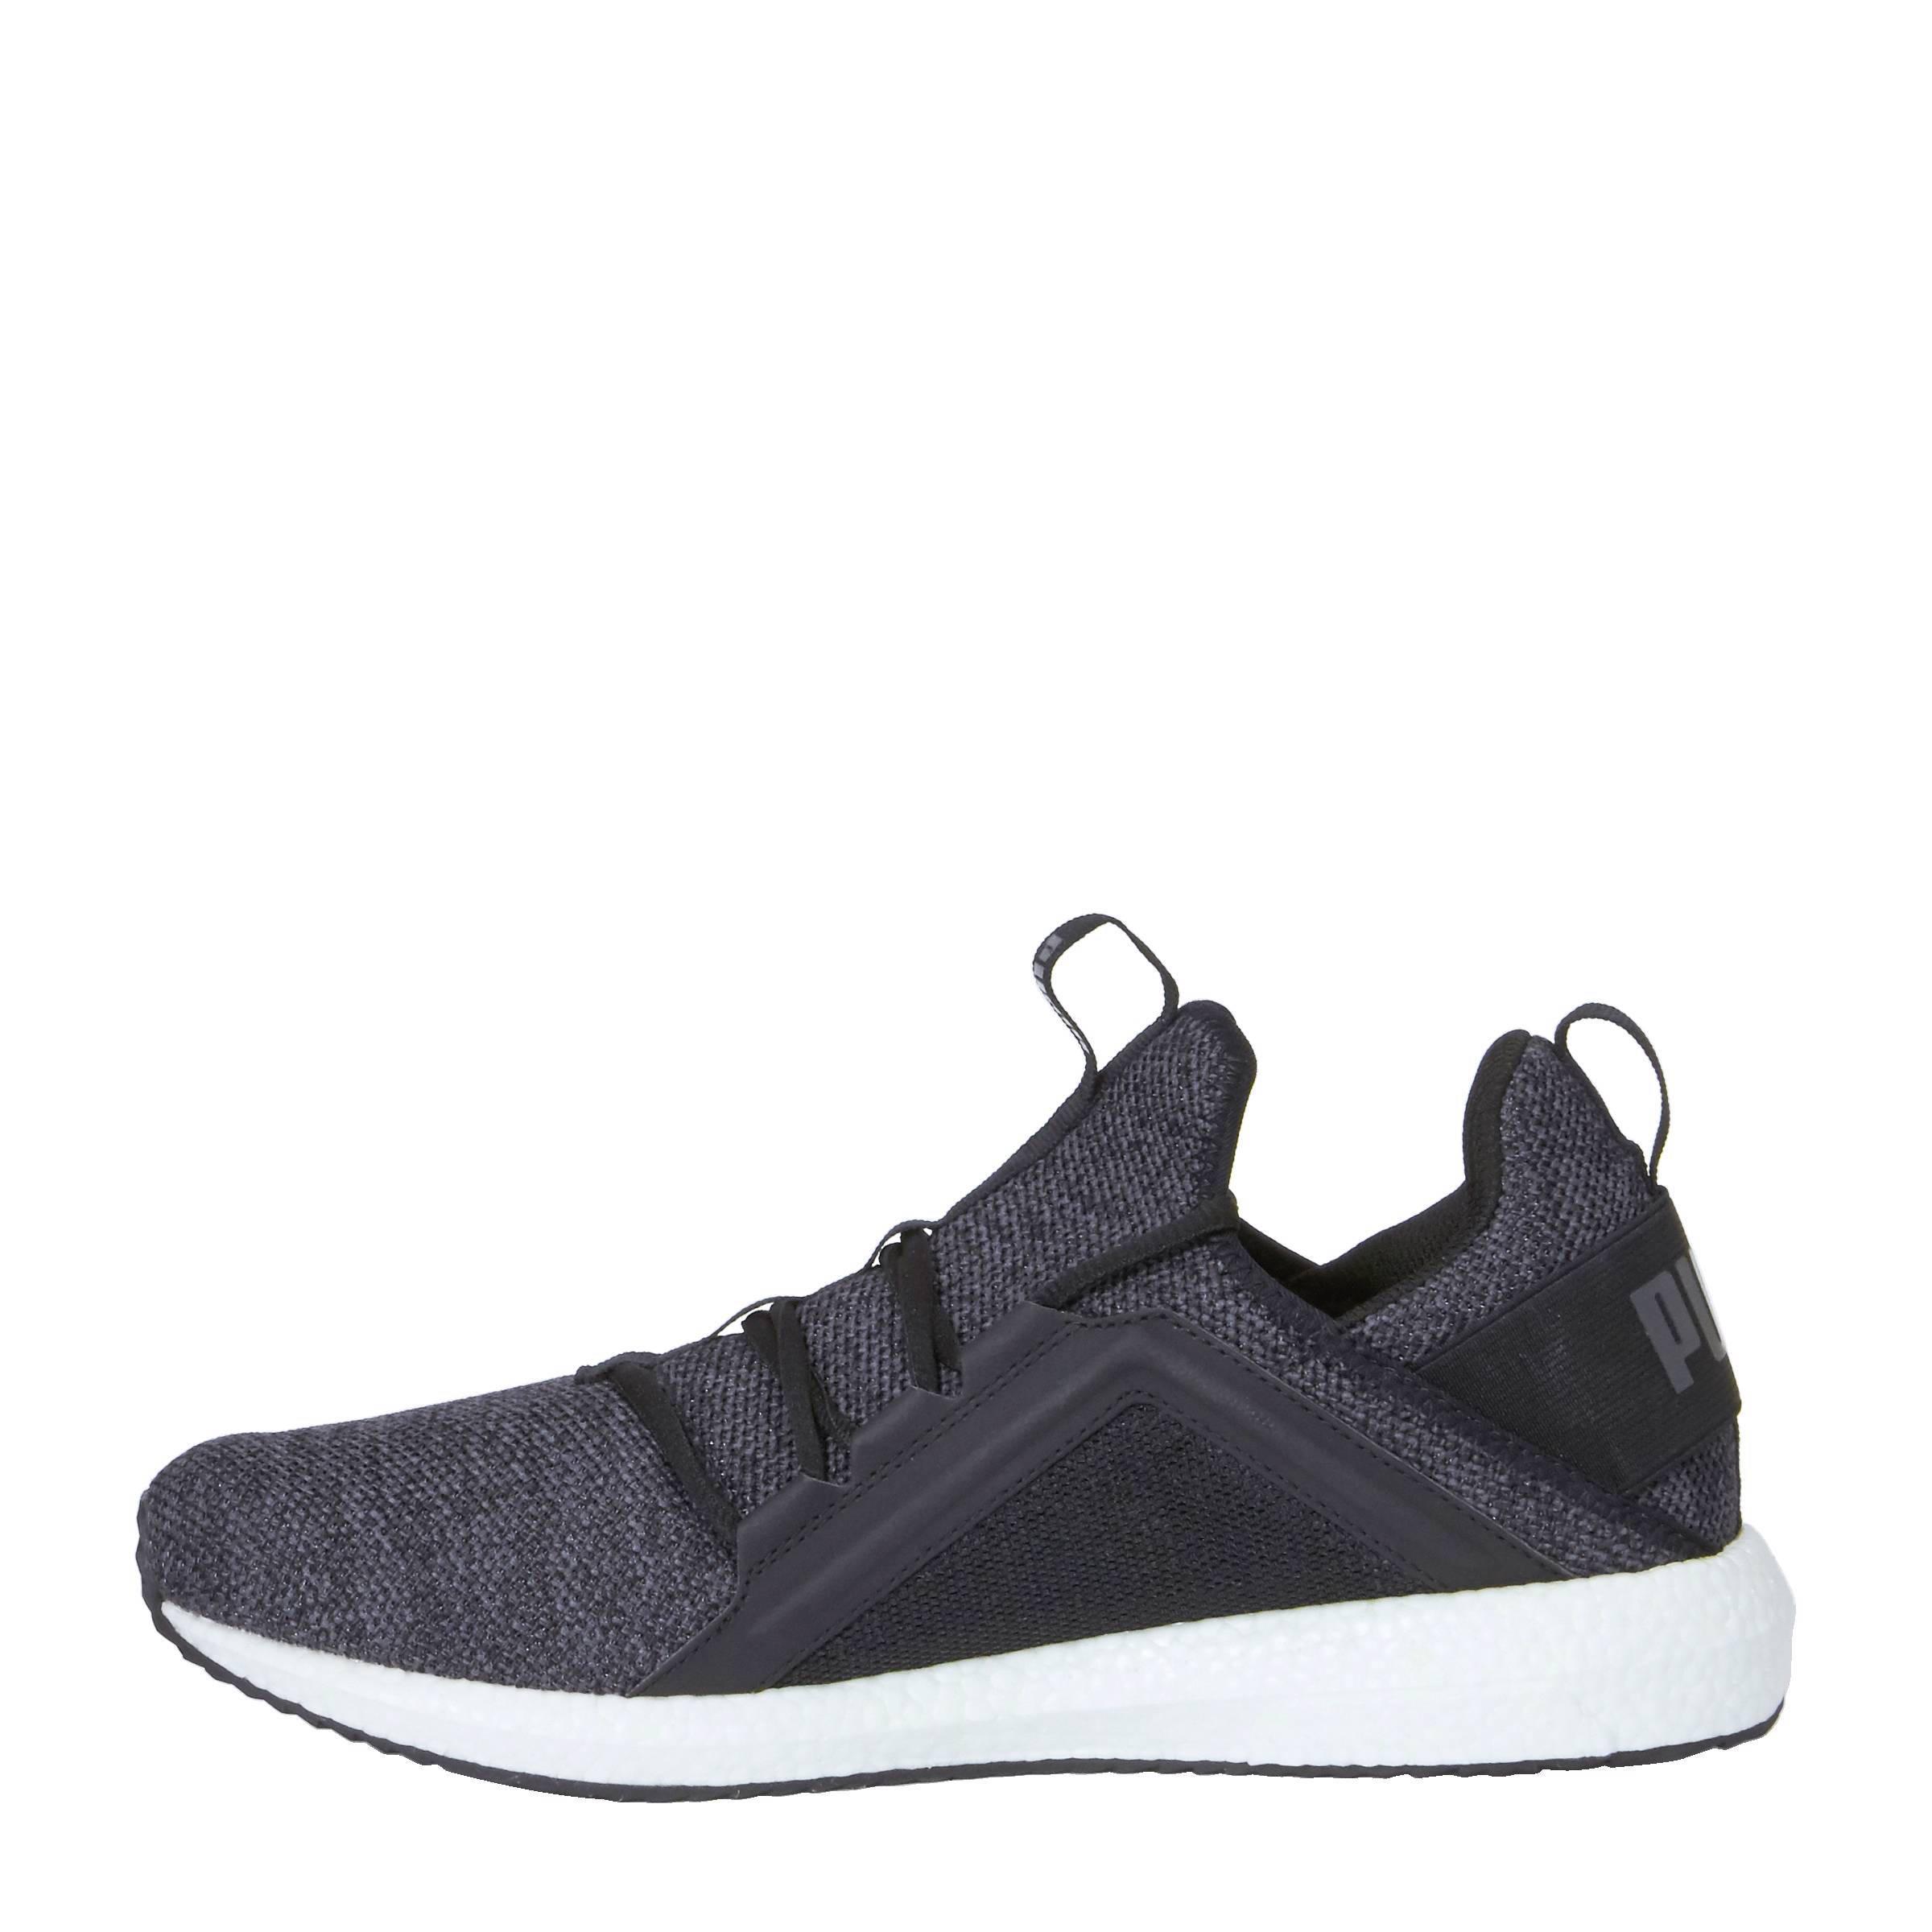 8a83e240a15710 puma-mega-nrgy-knit-fitness-schoenen-heren-zwart-4057828135694.jpg